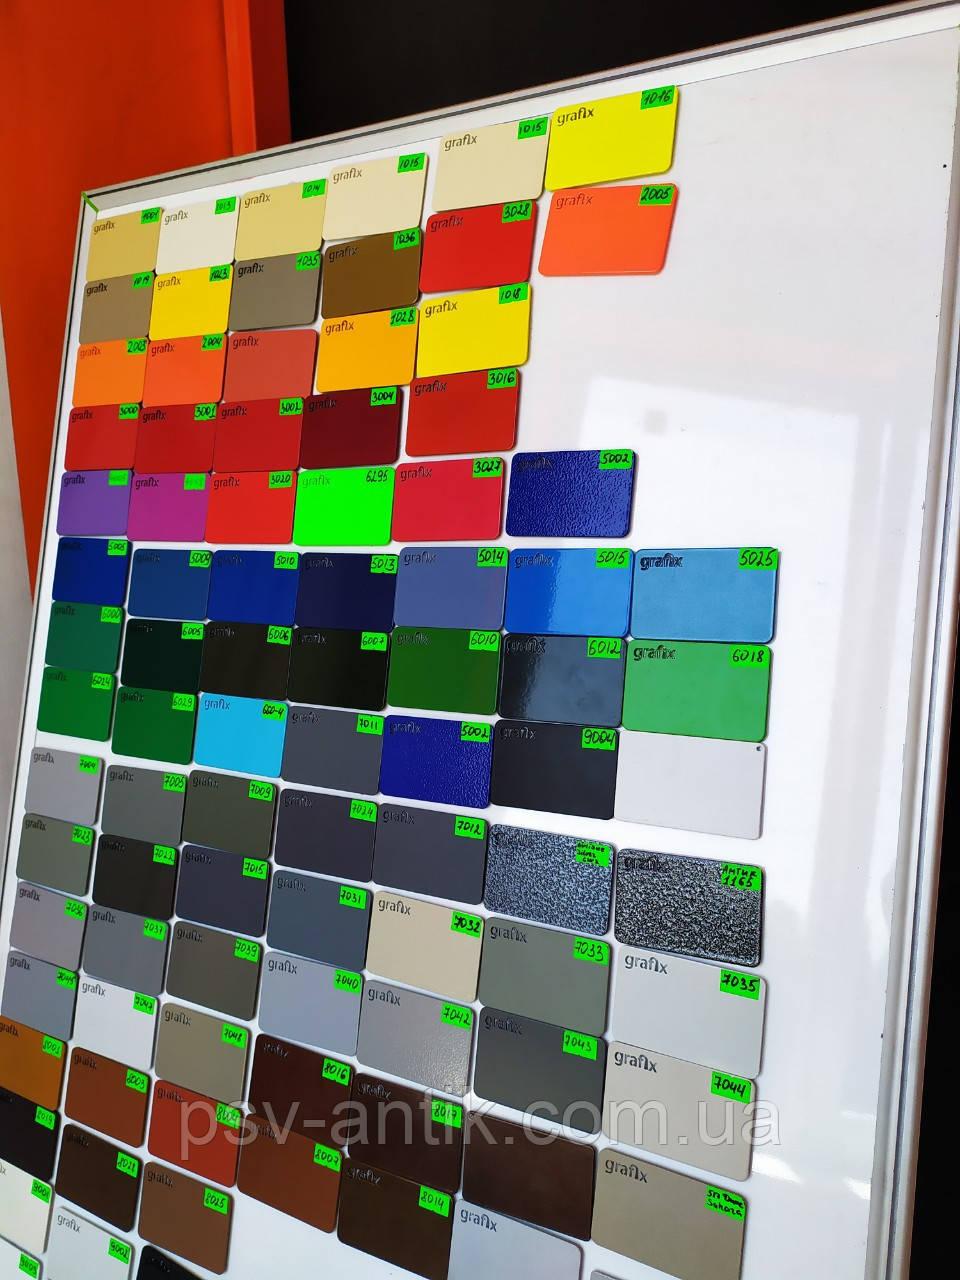 Порошковая краска матовая, полиэфирная, архитектурная, 5000